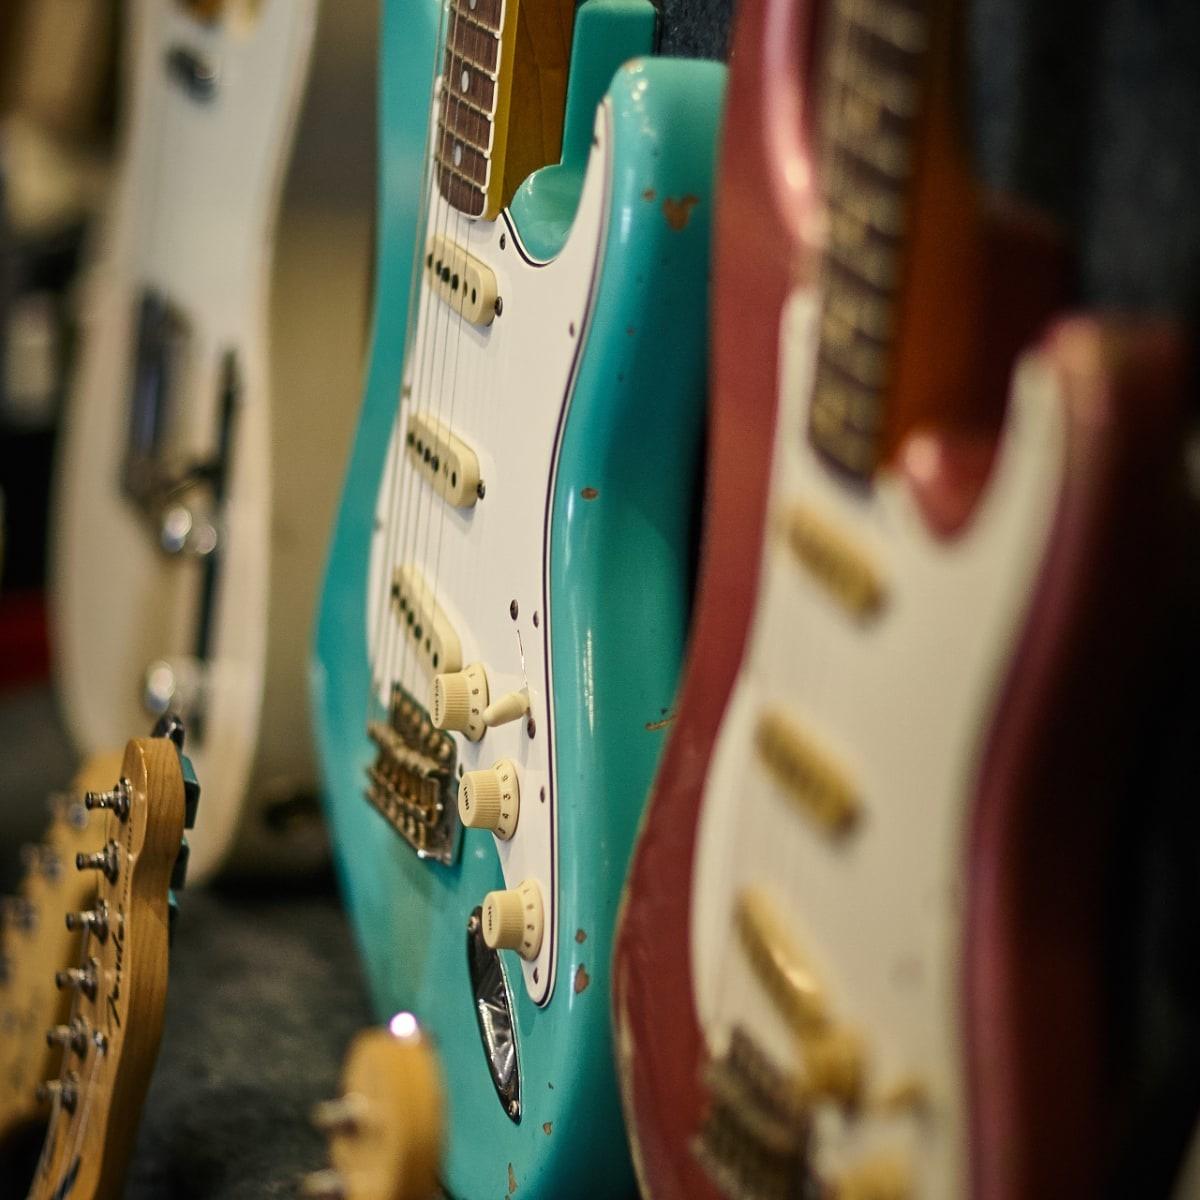 Electric Guitars at Sunburst Music